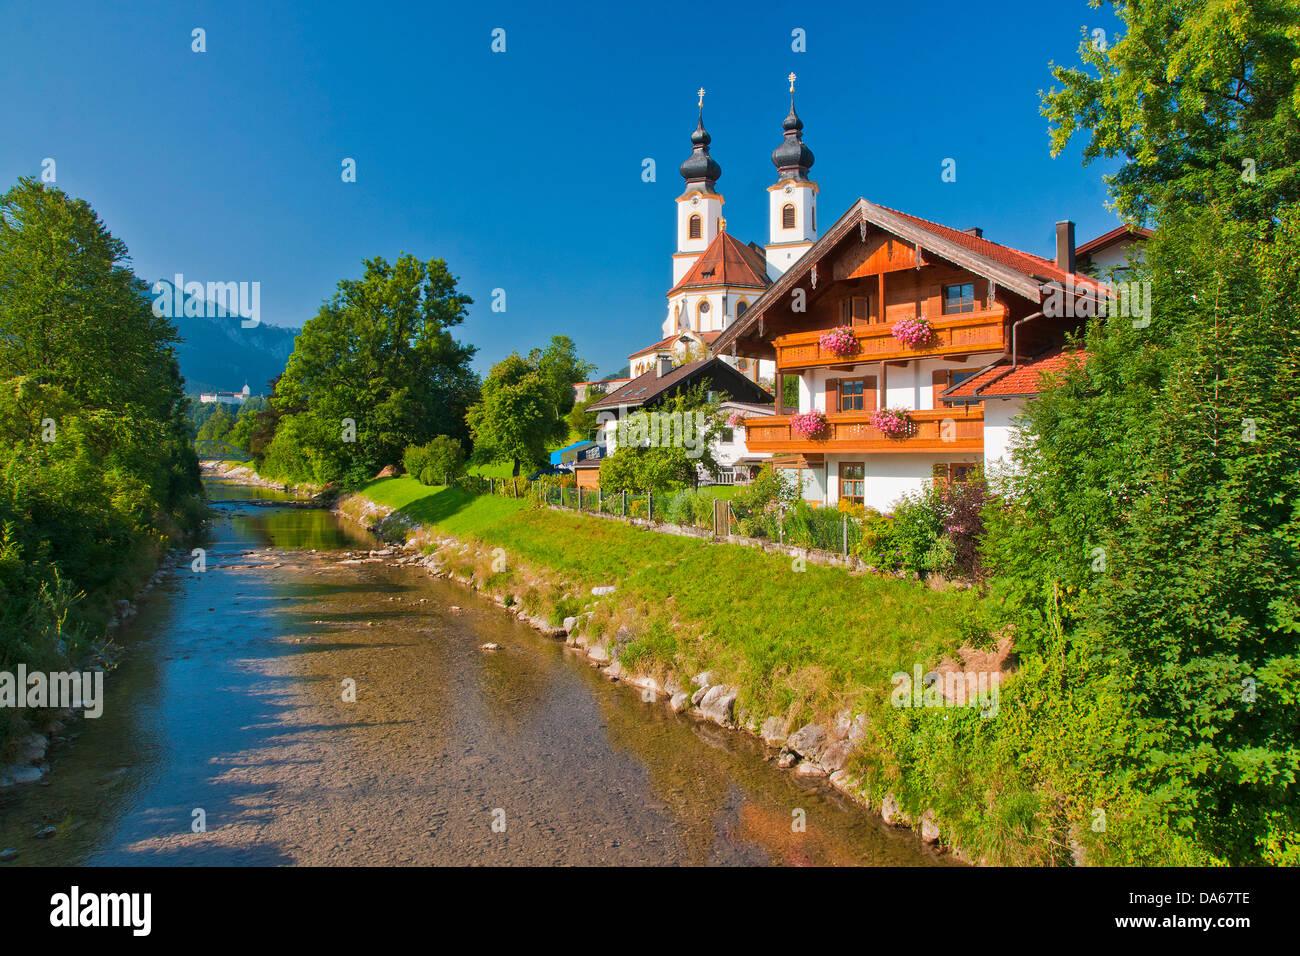 Deutschland, Europa, Bayern, Oberbayern, Chiemgau, Aschau, Falknerei, Prien, Bau, Gebäude, Himmel, blauer Himmel, Stockbild